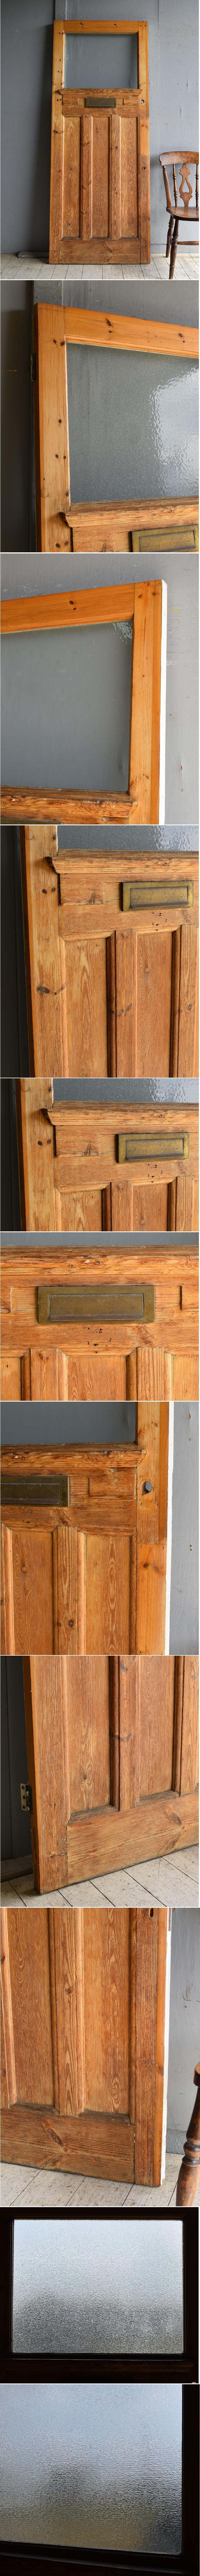 イギリス アンティーク ドア 扉 建具 8535